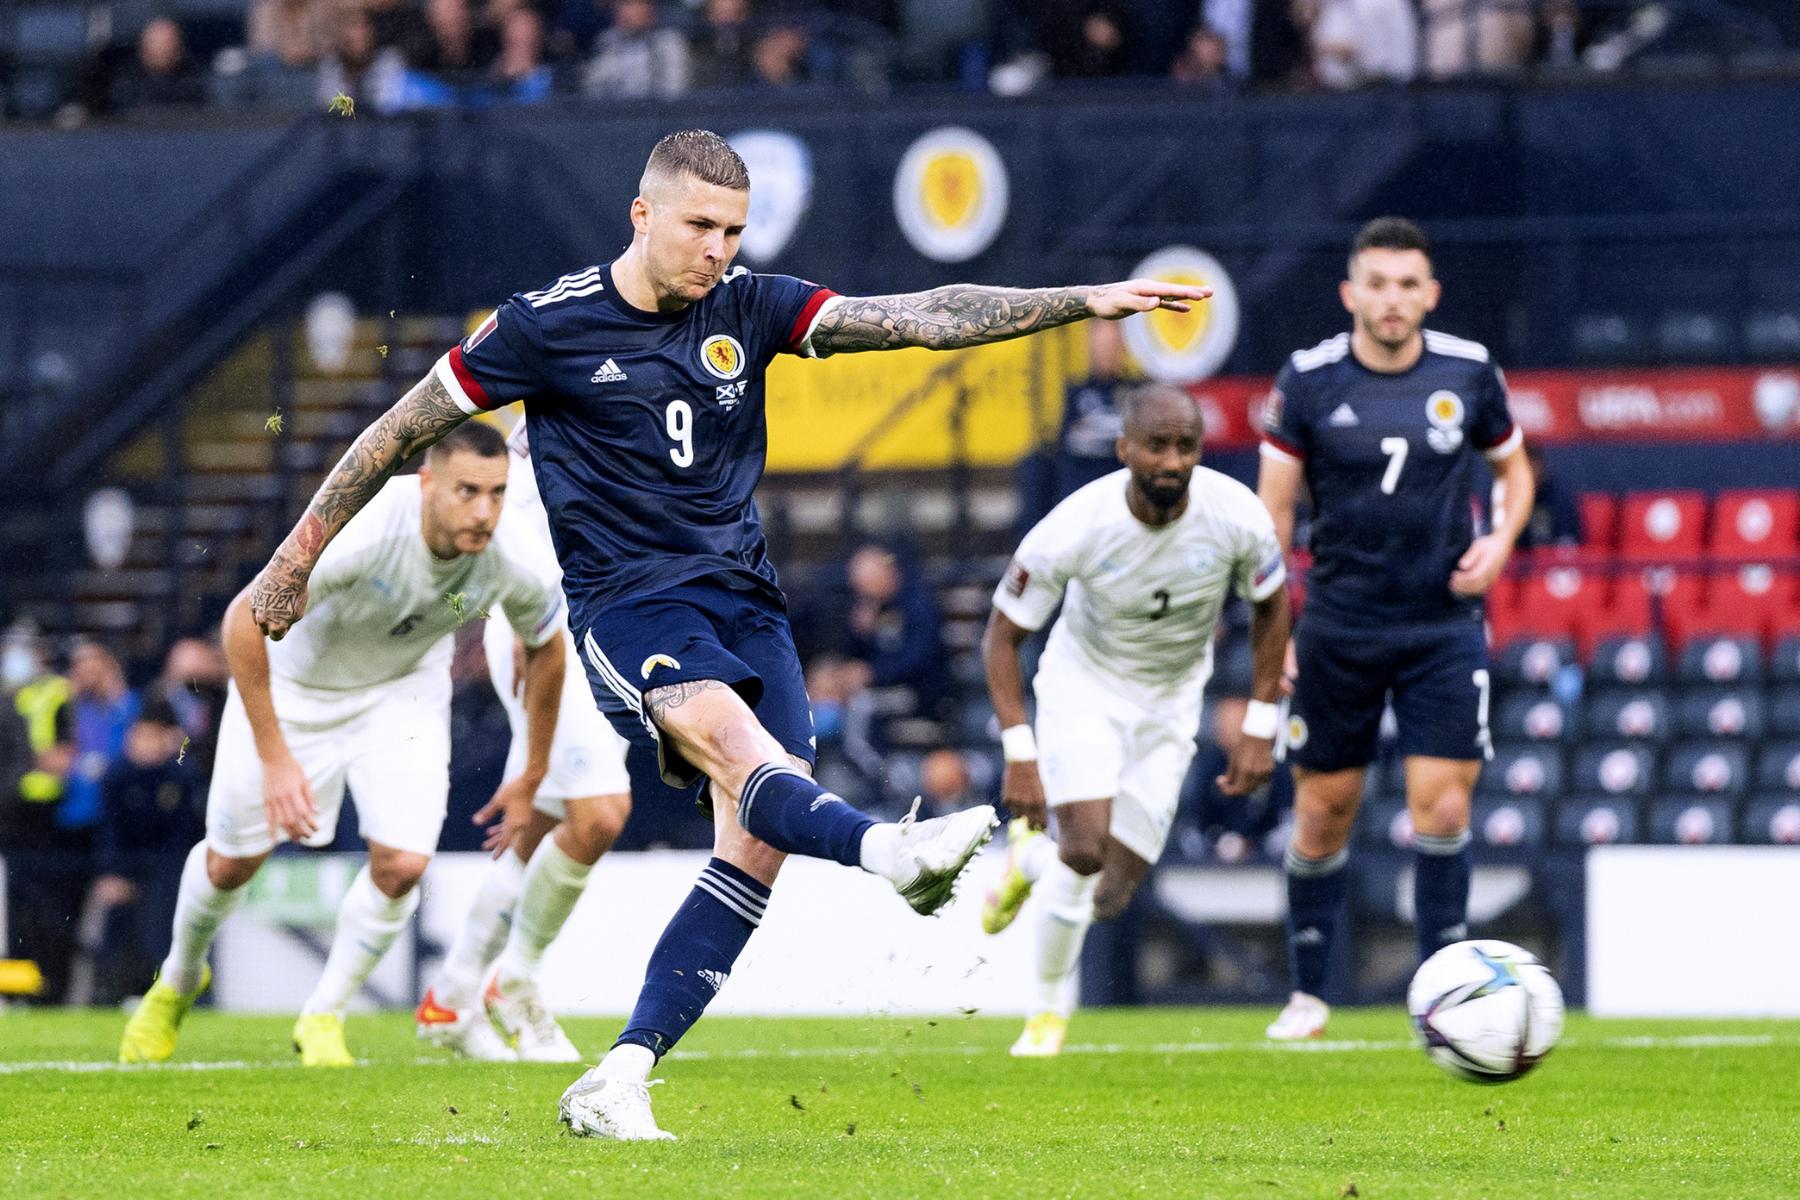 Jugador de Escocia se ofrece como voluntario para hacerse cargo de las tareas de lanzamiento de penaltis de Lyndon Dykes en el crunch clasificatorio de Qatar 2022